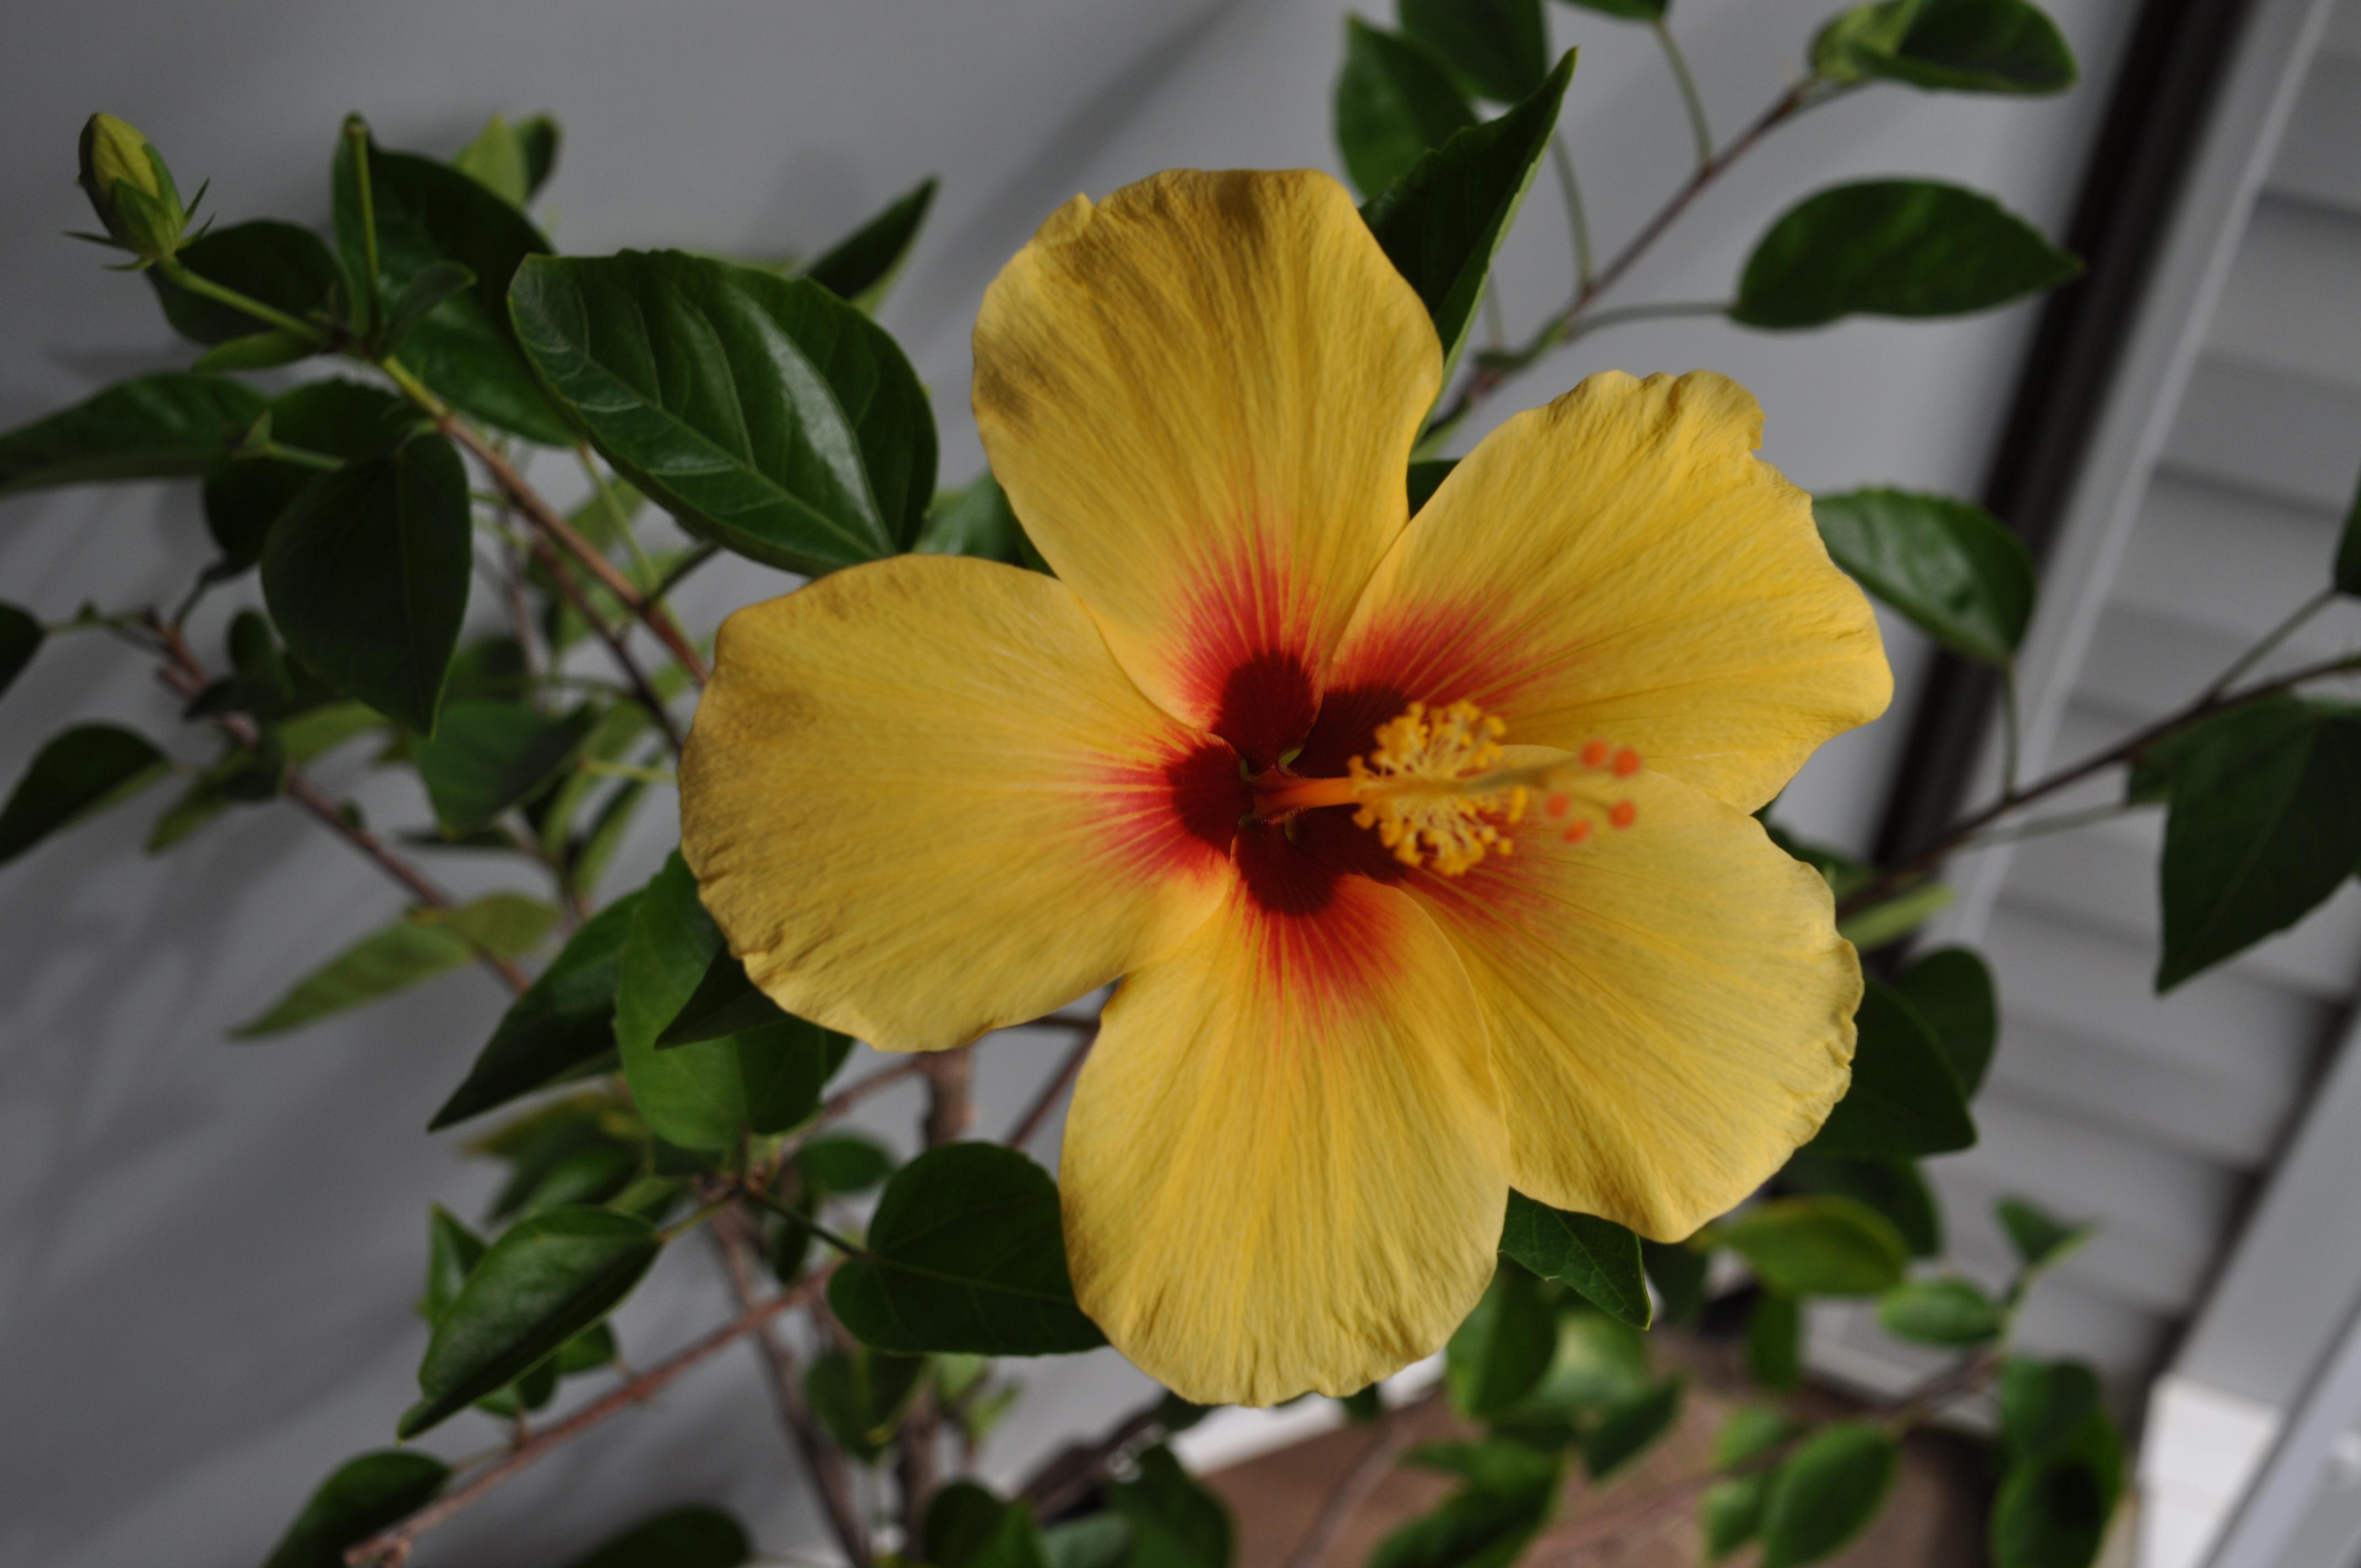 Lanai yellow hibiscus